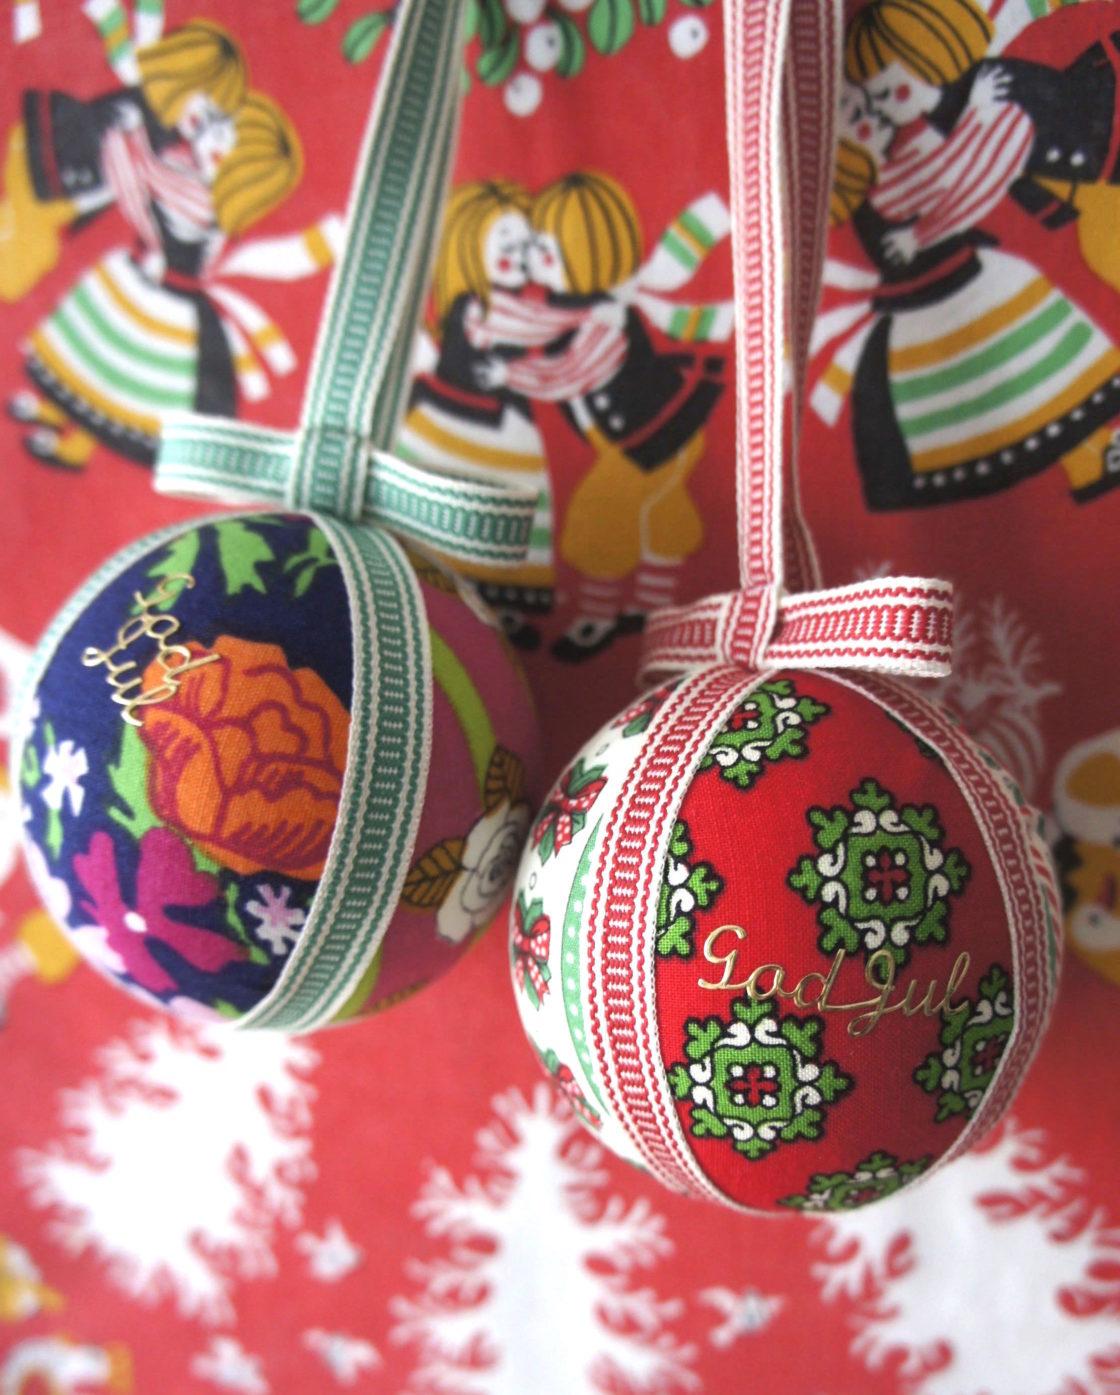 【予約終了】<br>北欧ヴィンテージ生地で作る、クリスマスのオーナメントボール 2